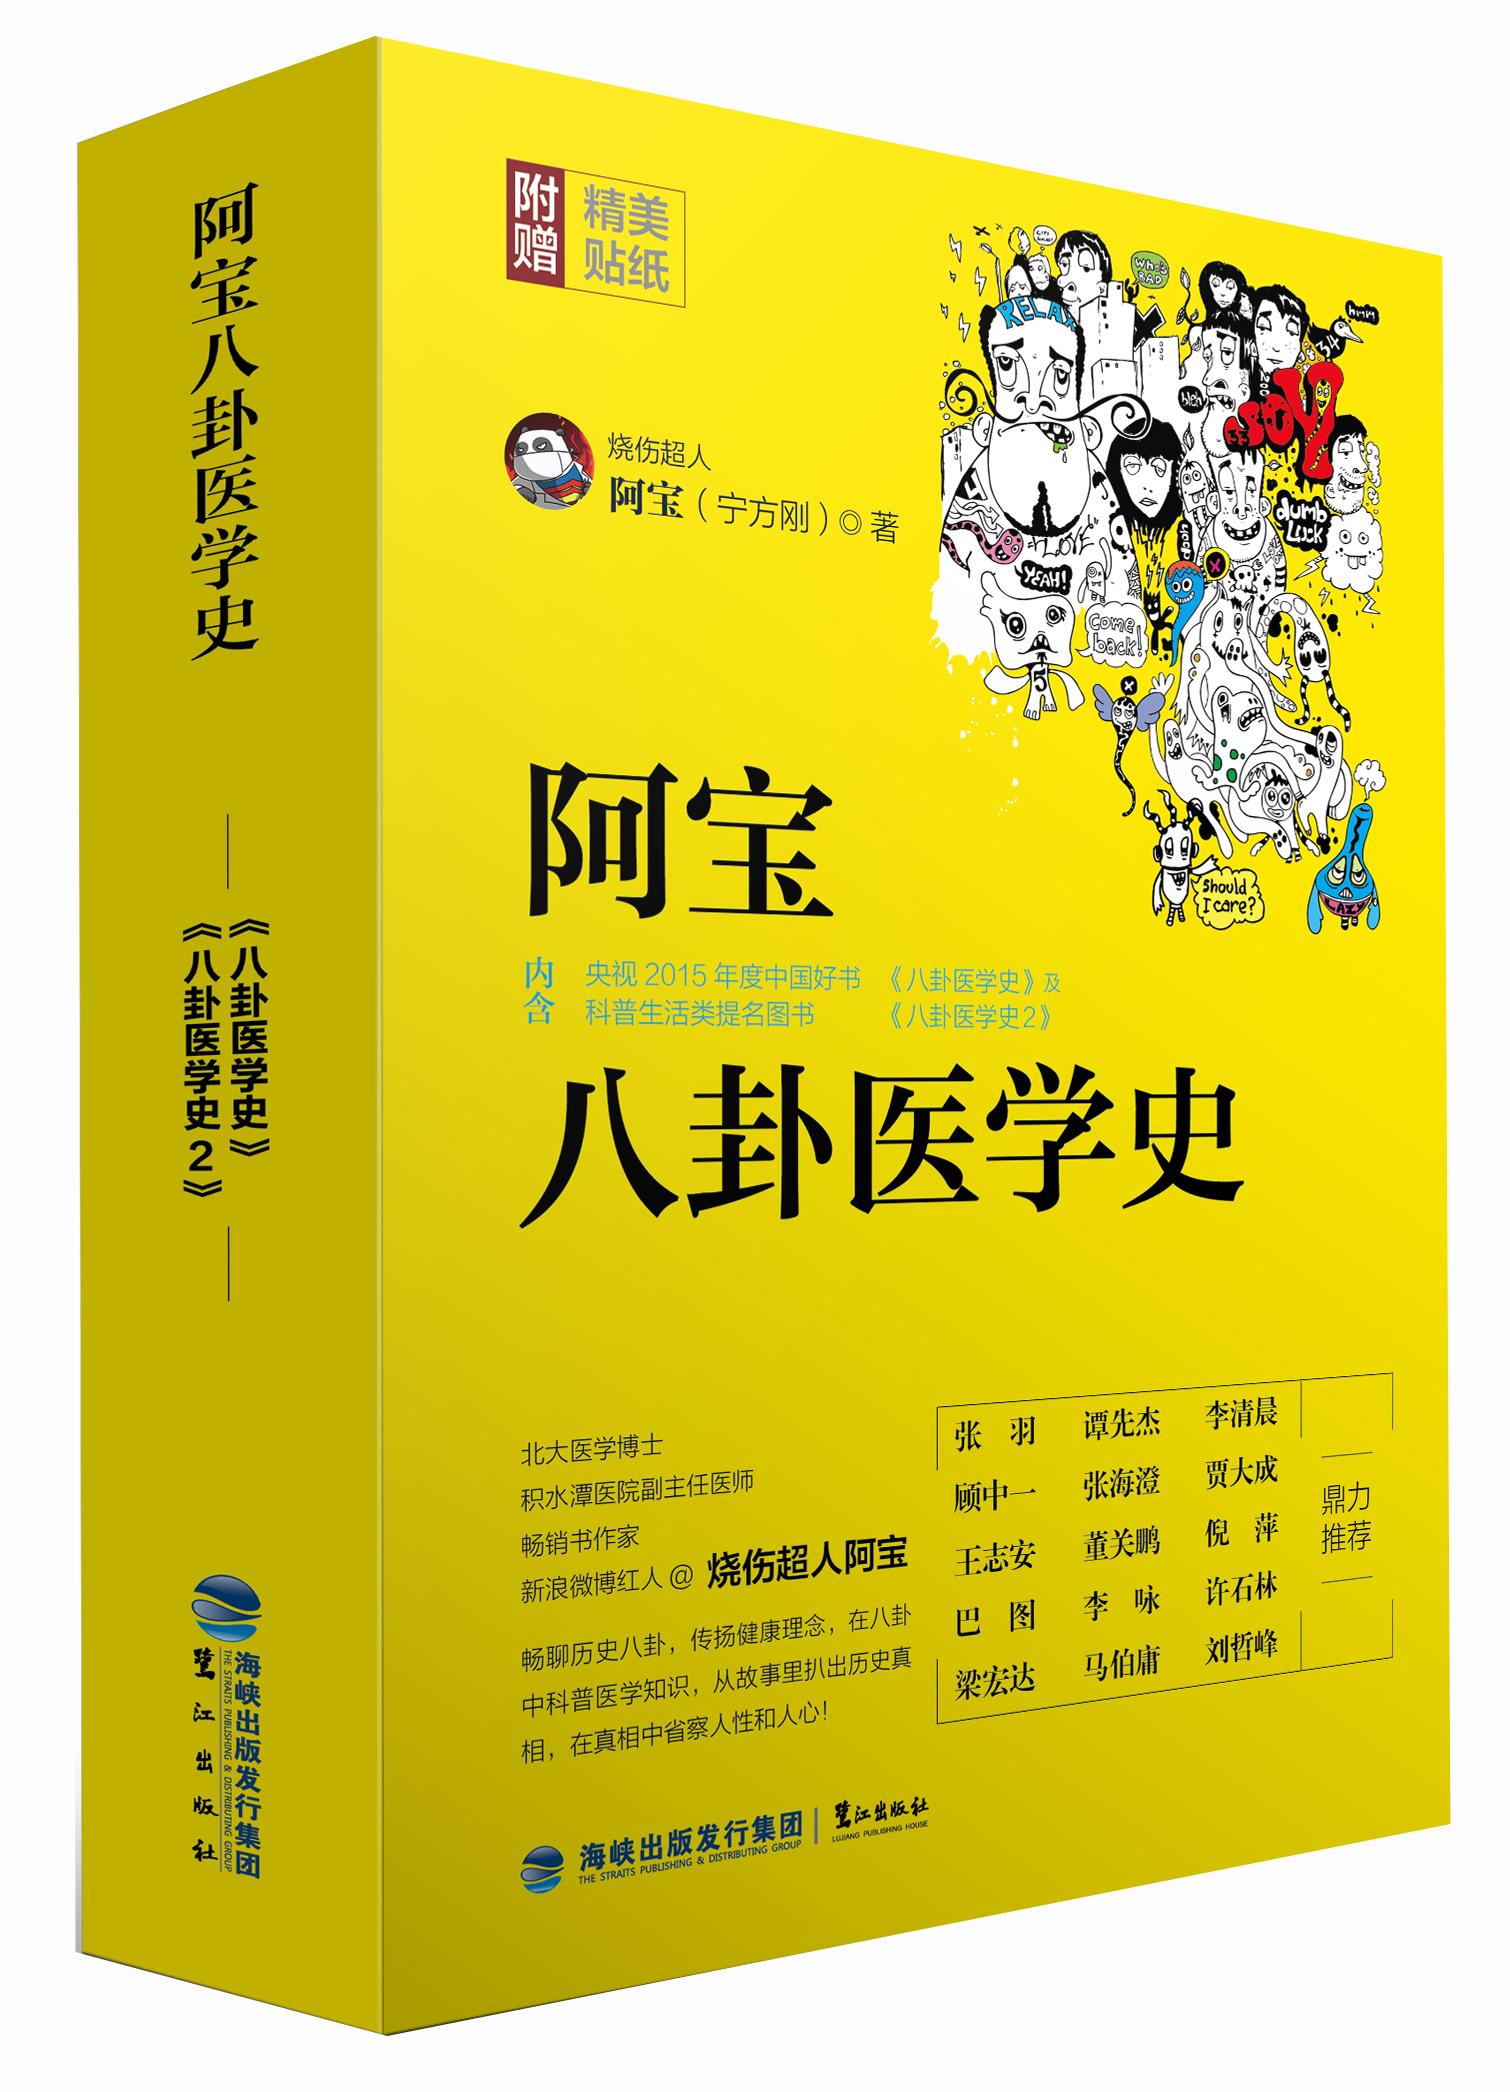 阿宝八卦医学史-全2册-附赠精美贴纸